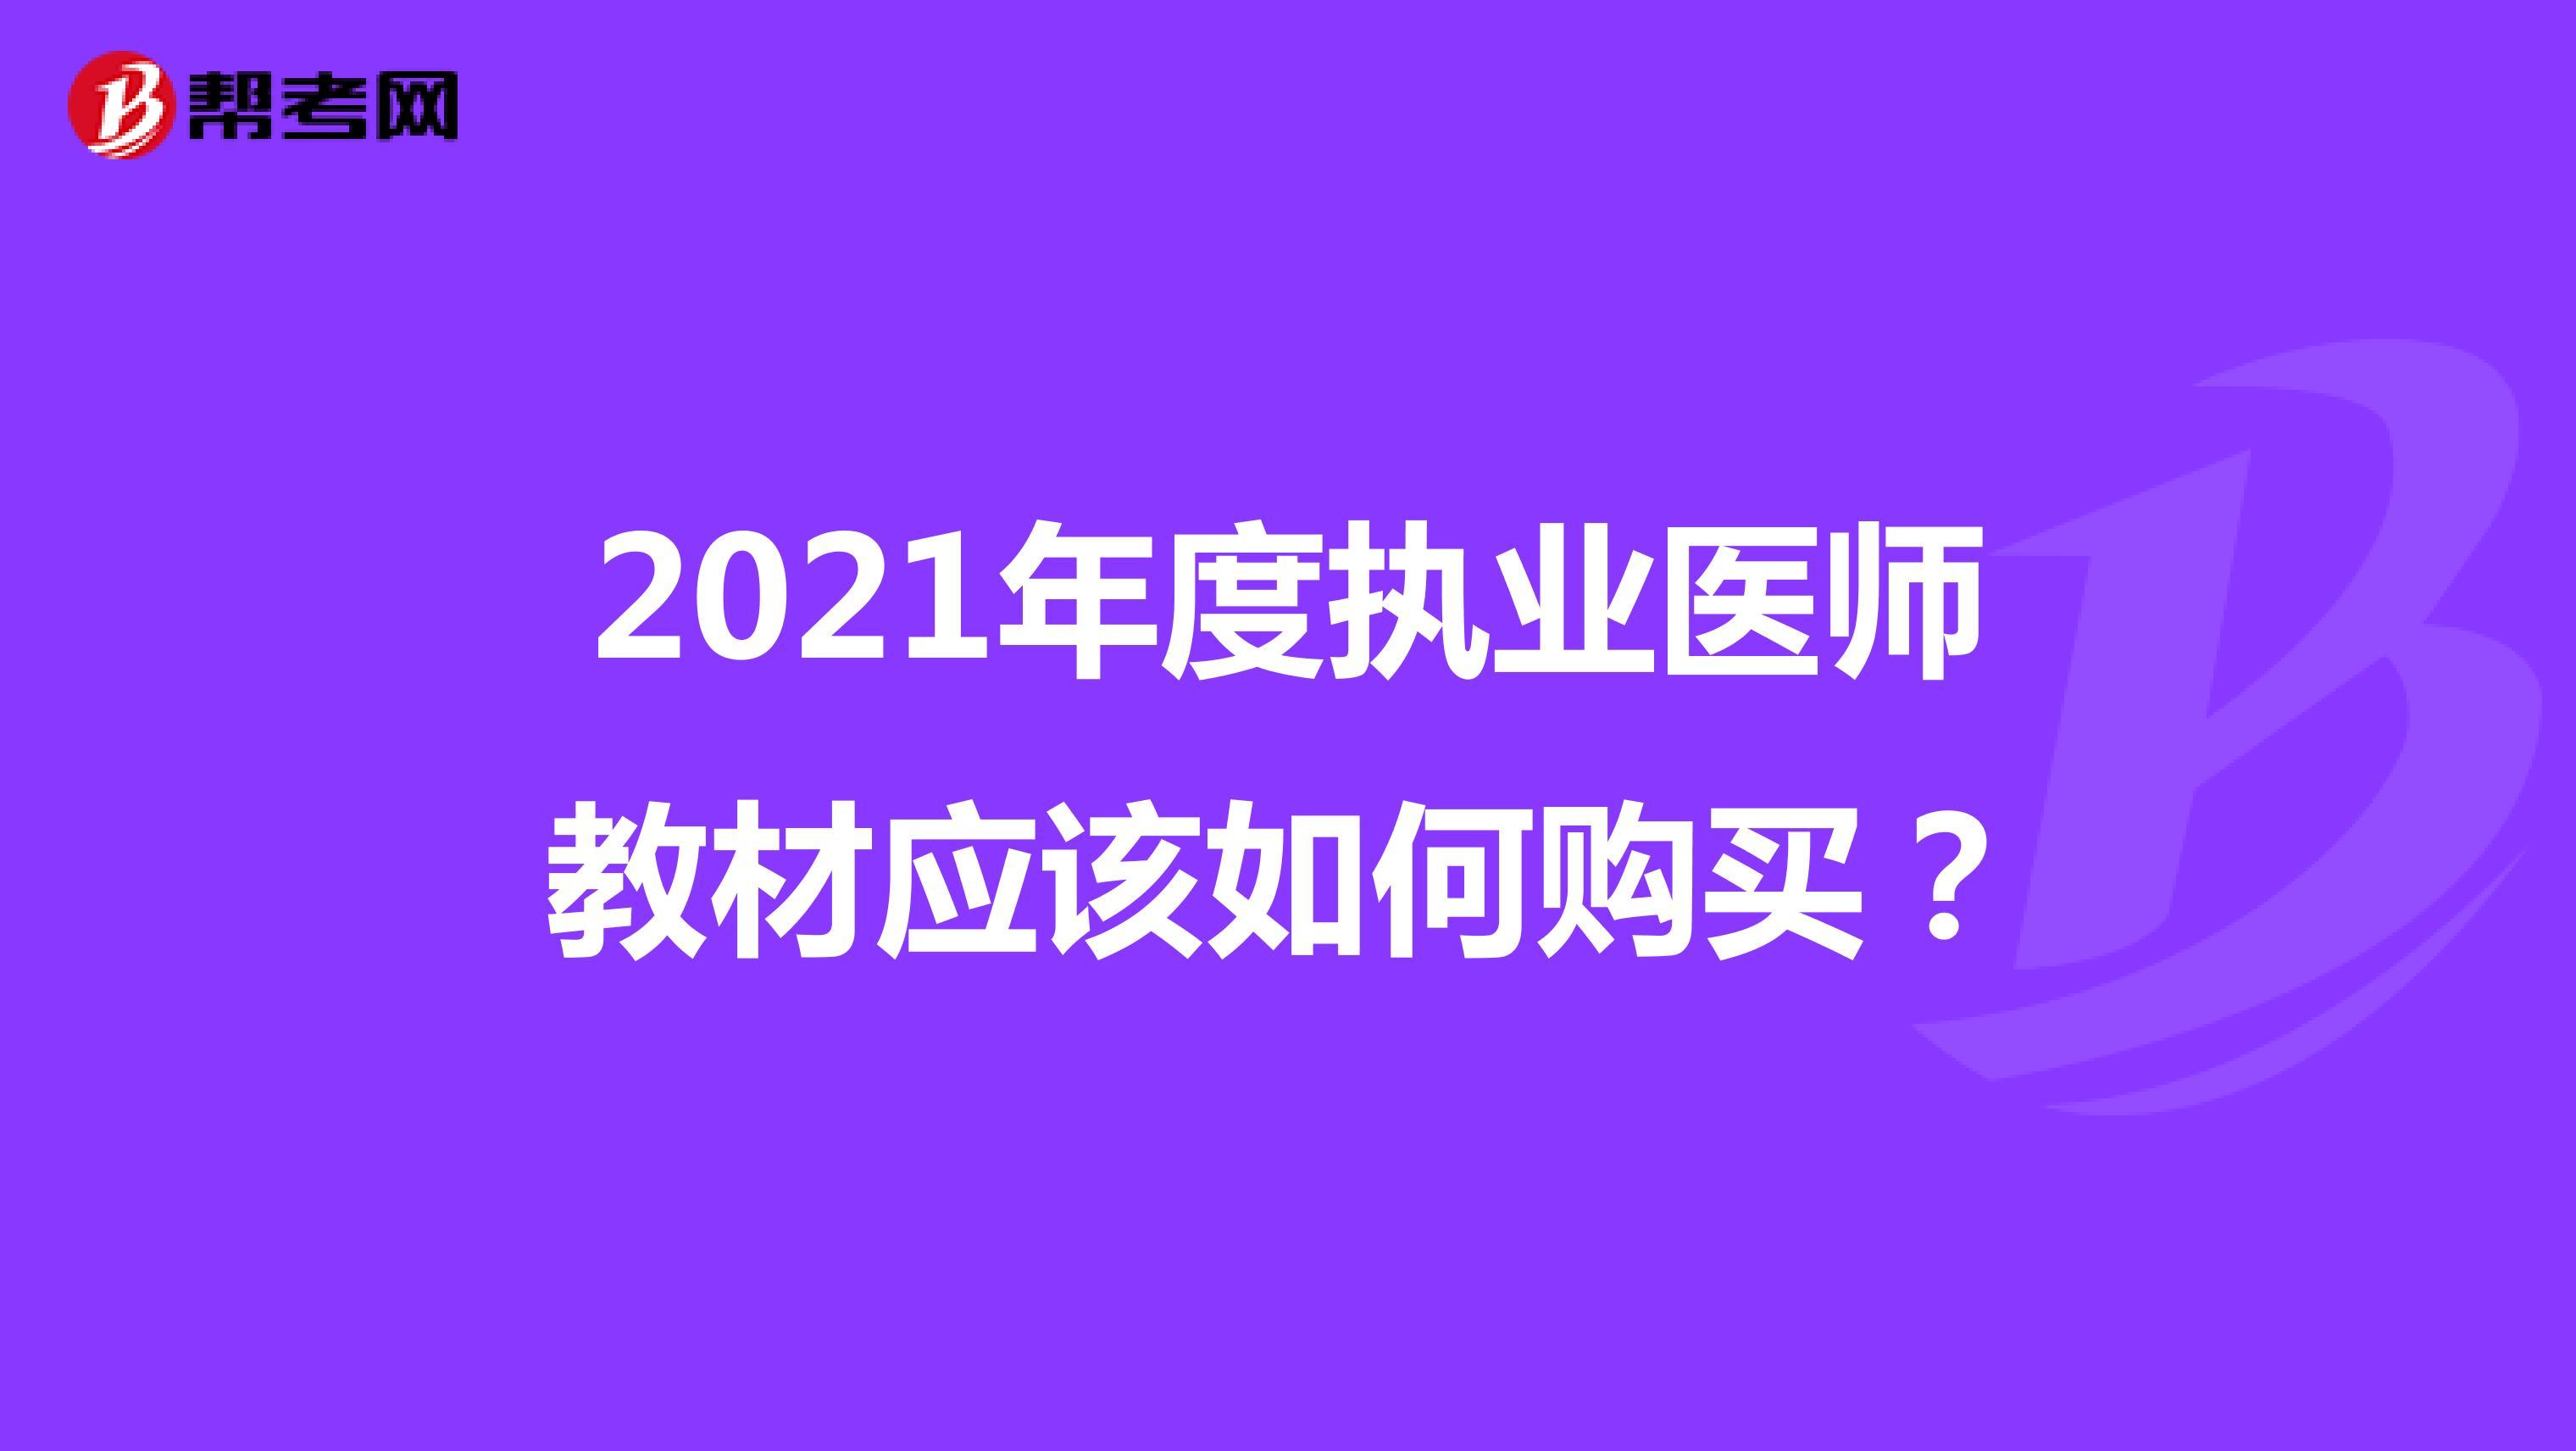 2021年度执业医师教材应该如何购买?